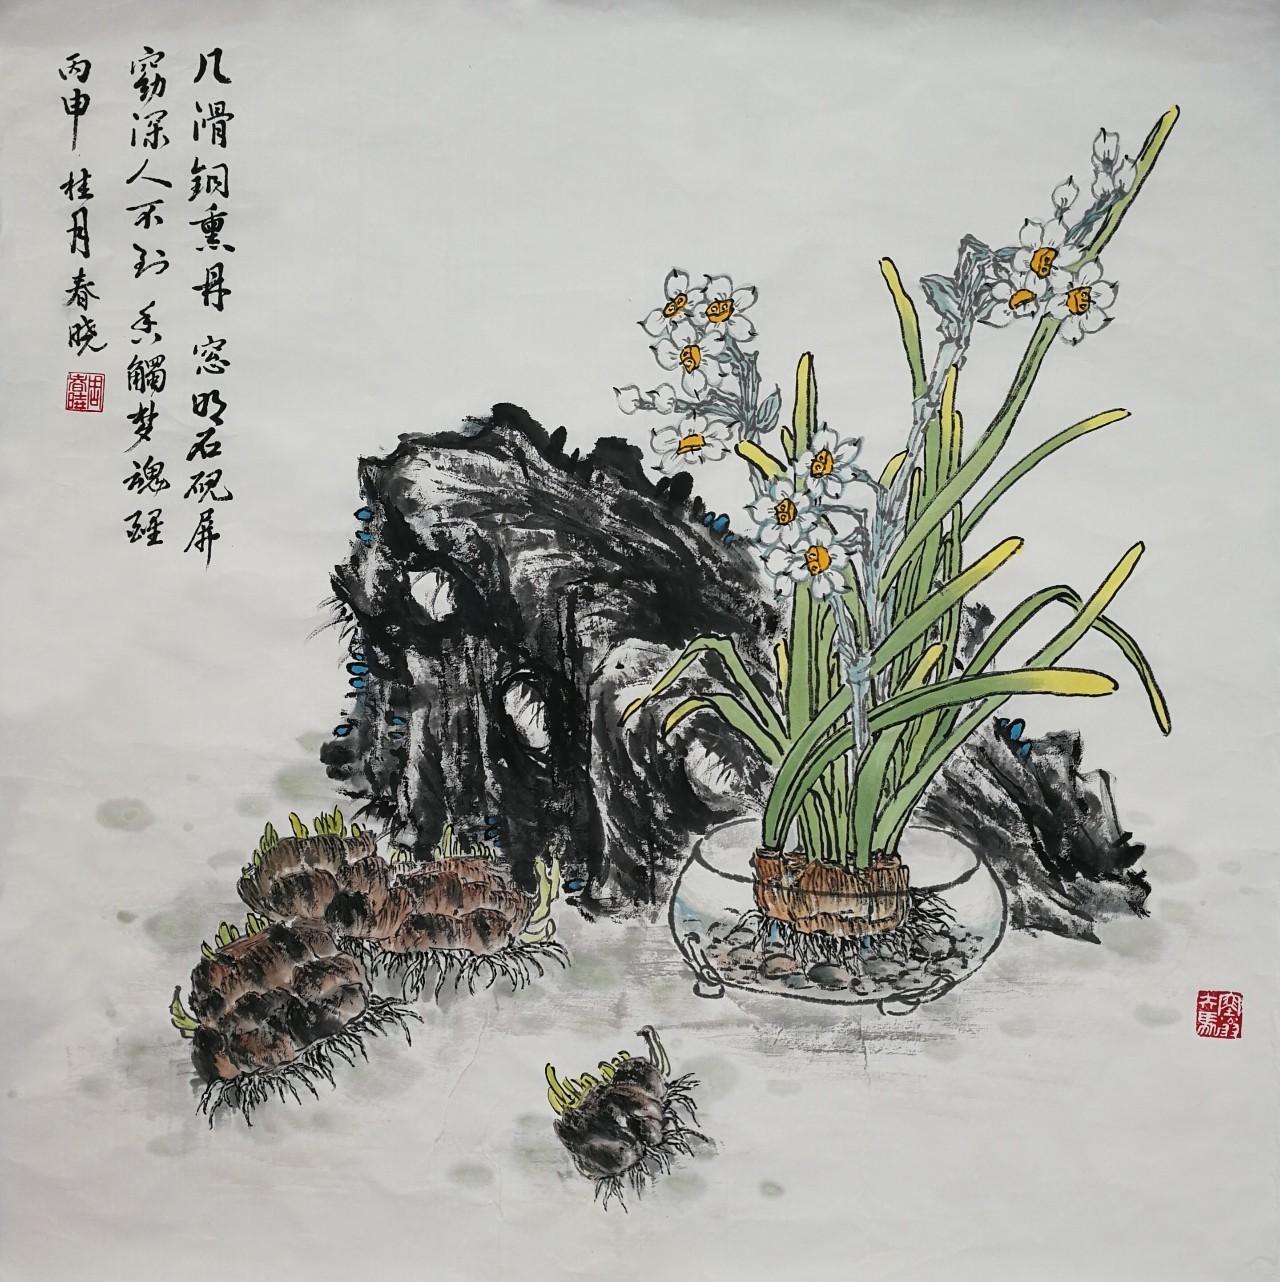 展讯:侨乡传统文化名家书画作品联展邀您共赏!图片